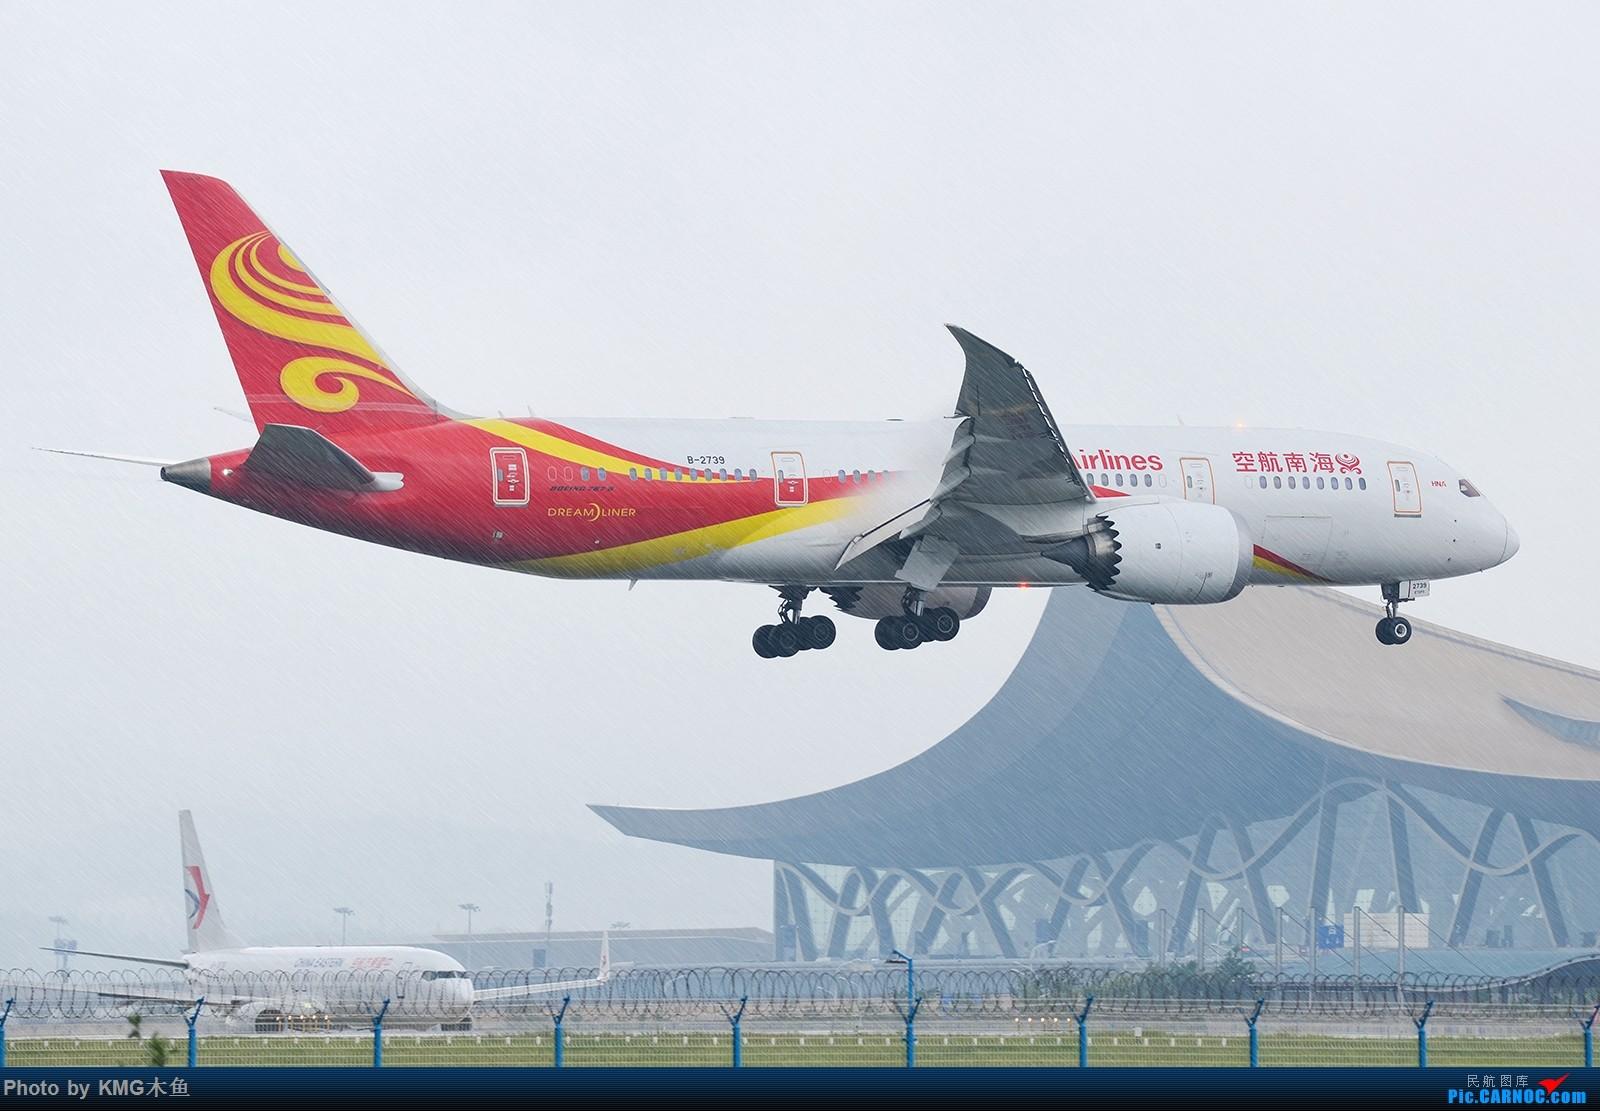 Re:[原创]【昆明长水国际机场——KMG木鱼拍机】昆明接二连三的阴雨天,形成了好货烂天有,烂天必有好货的奇特现象 BOEING 787-8 B-2739 中国昆明长水国际机场